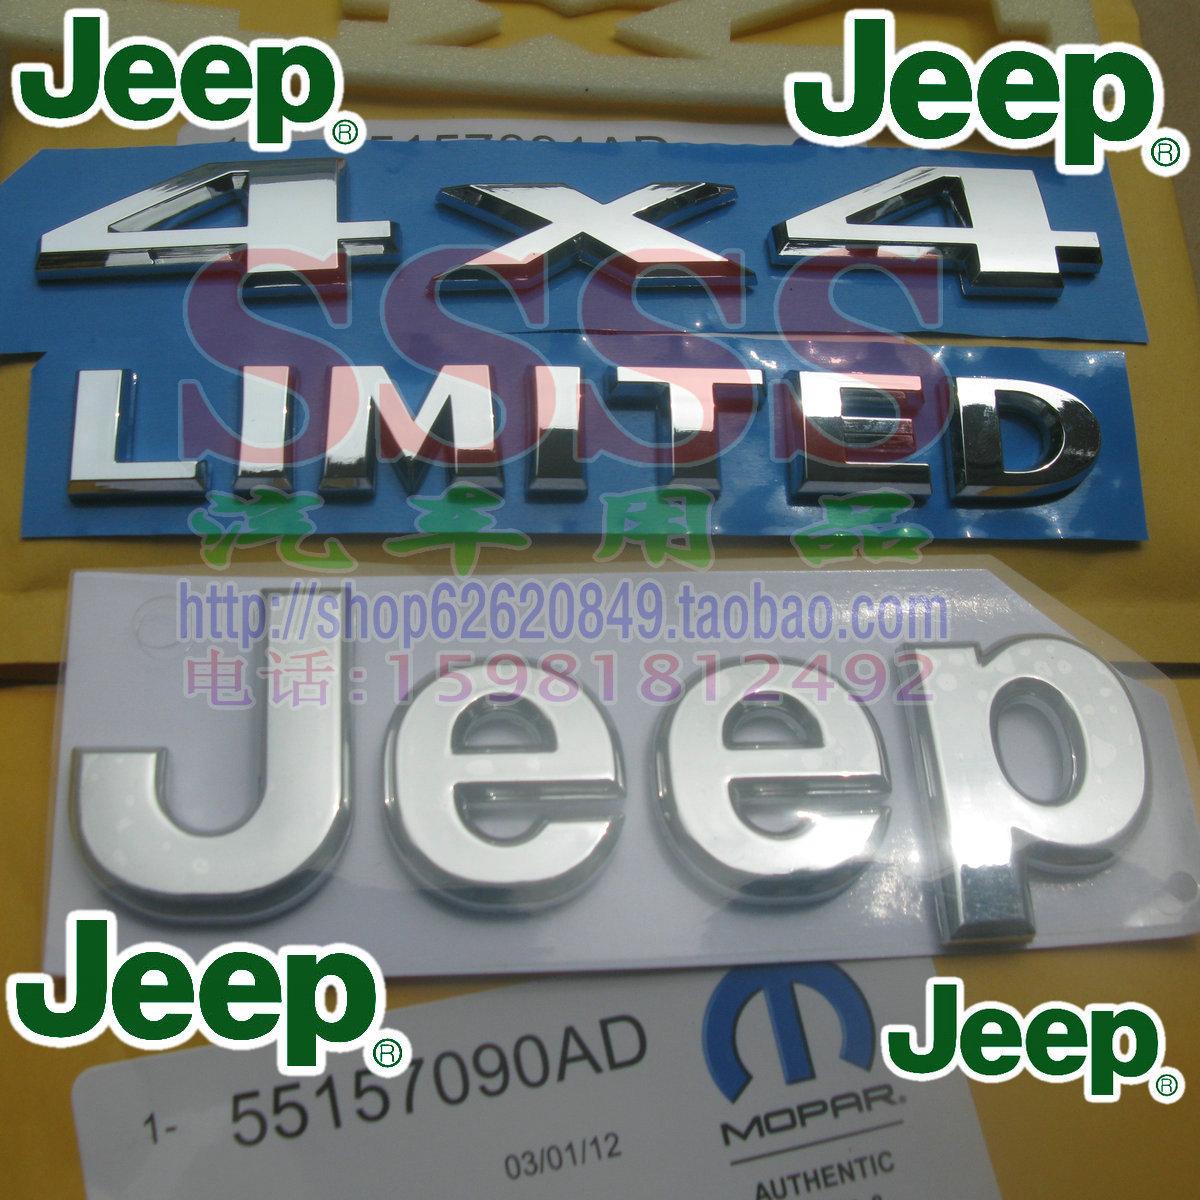 jeep吉普指南者 牧马人大切诺基自由客4x4车标 limited无限高清图片